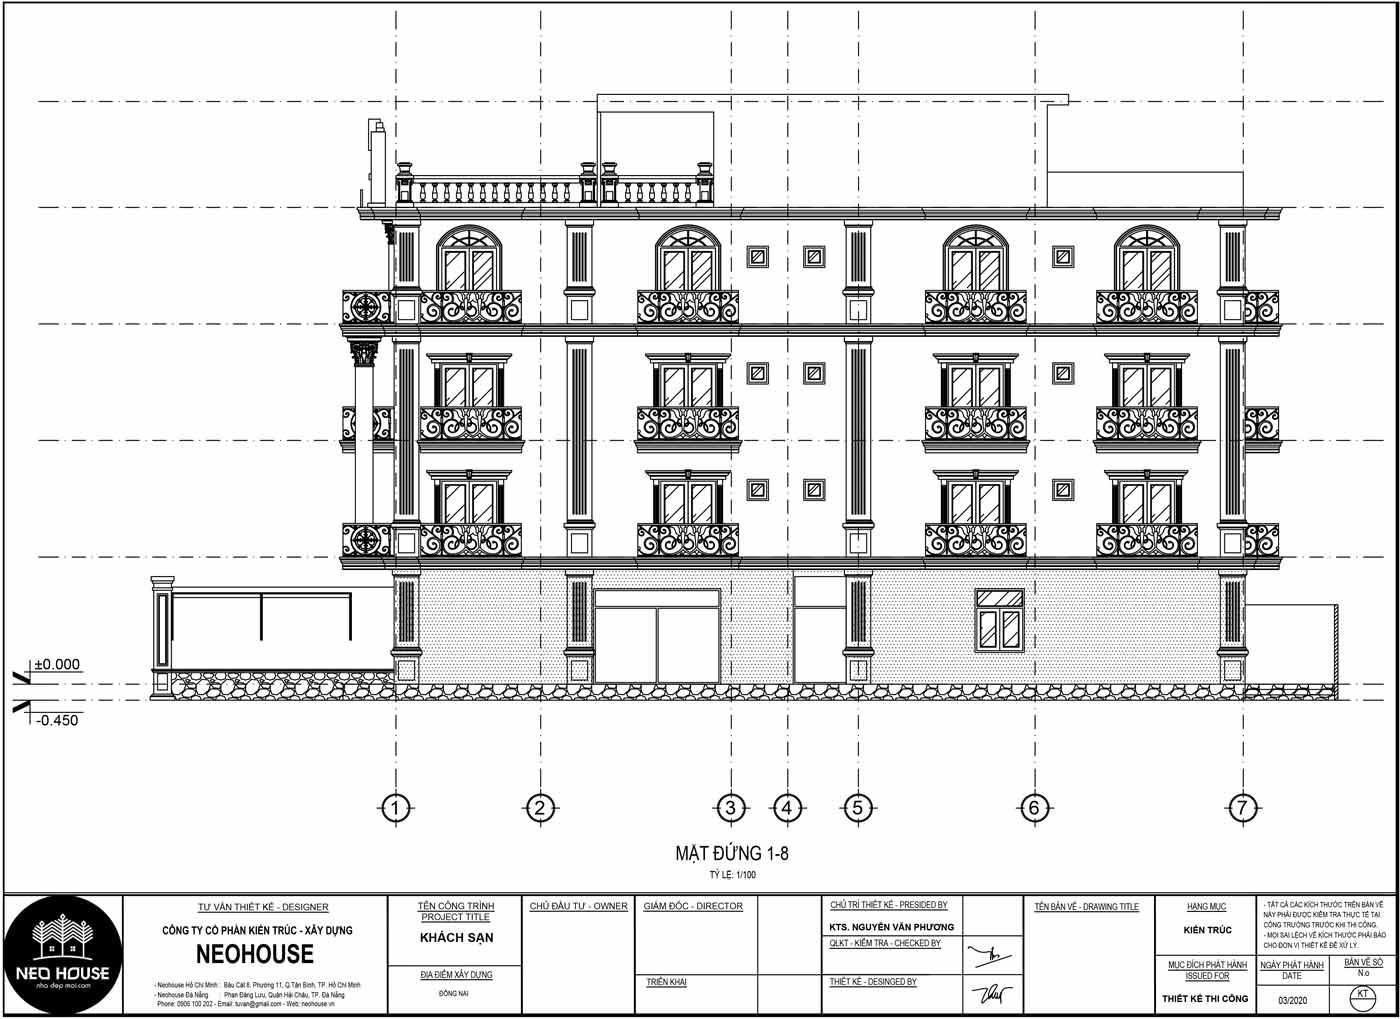 Mặt đứng 1-8 thiết kế khách sạn kiểu pháp 5 tầng